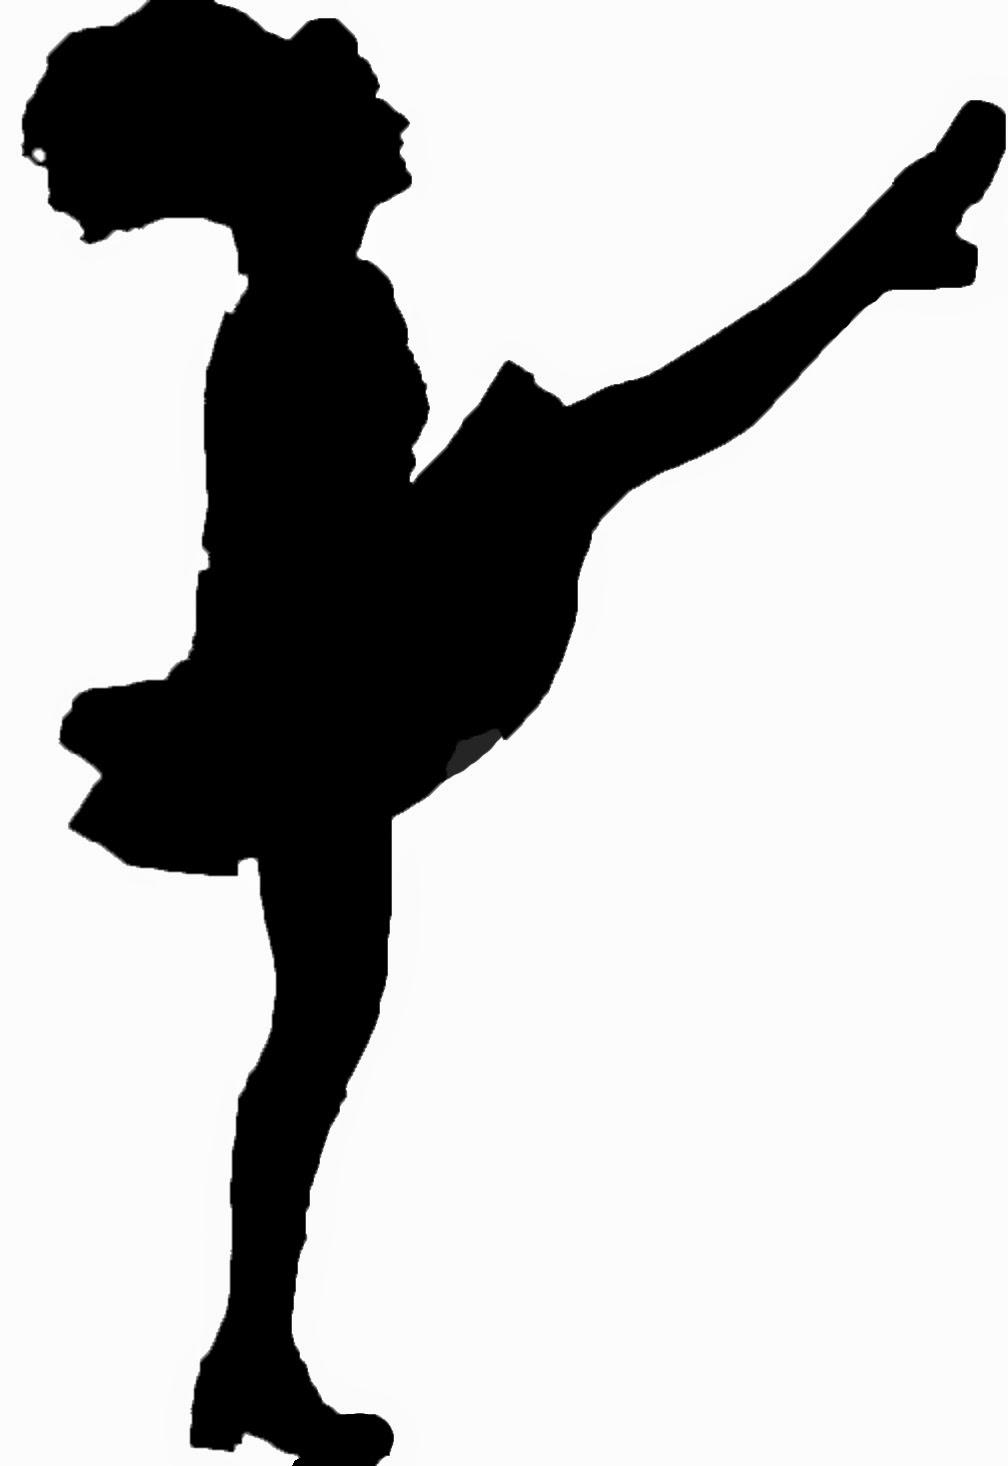 1008x1466 Irish Dancer Png Transparent Irish Dancer.png Images. Pluspng